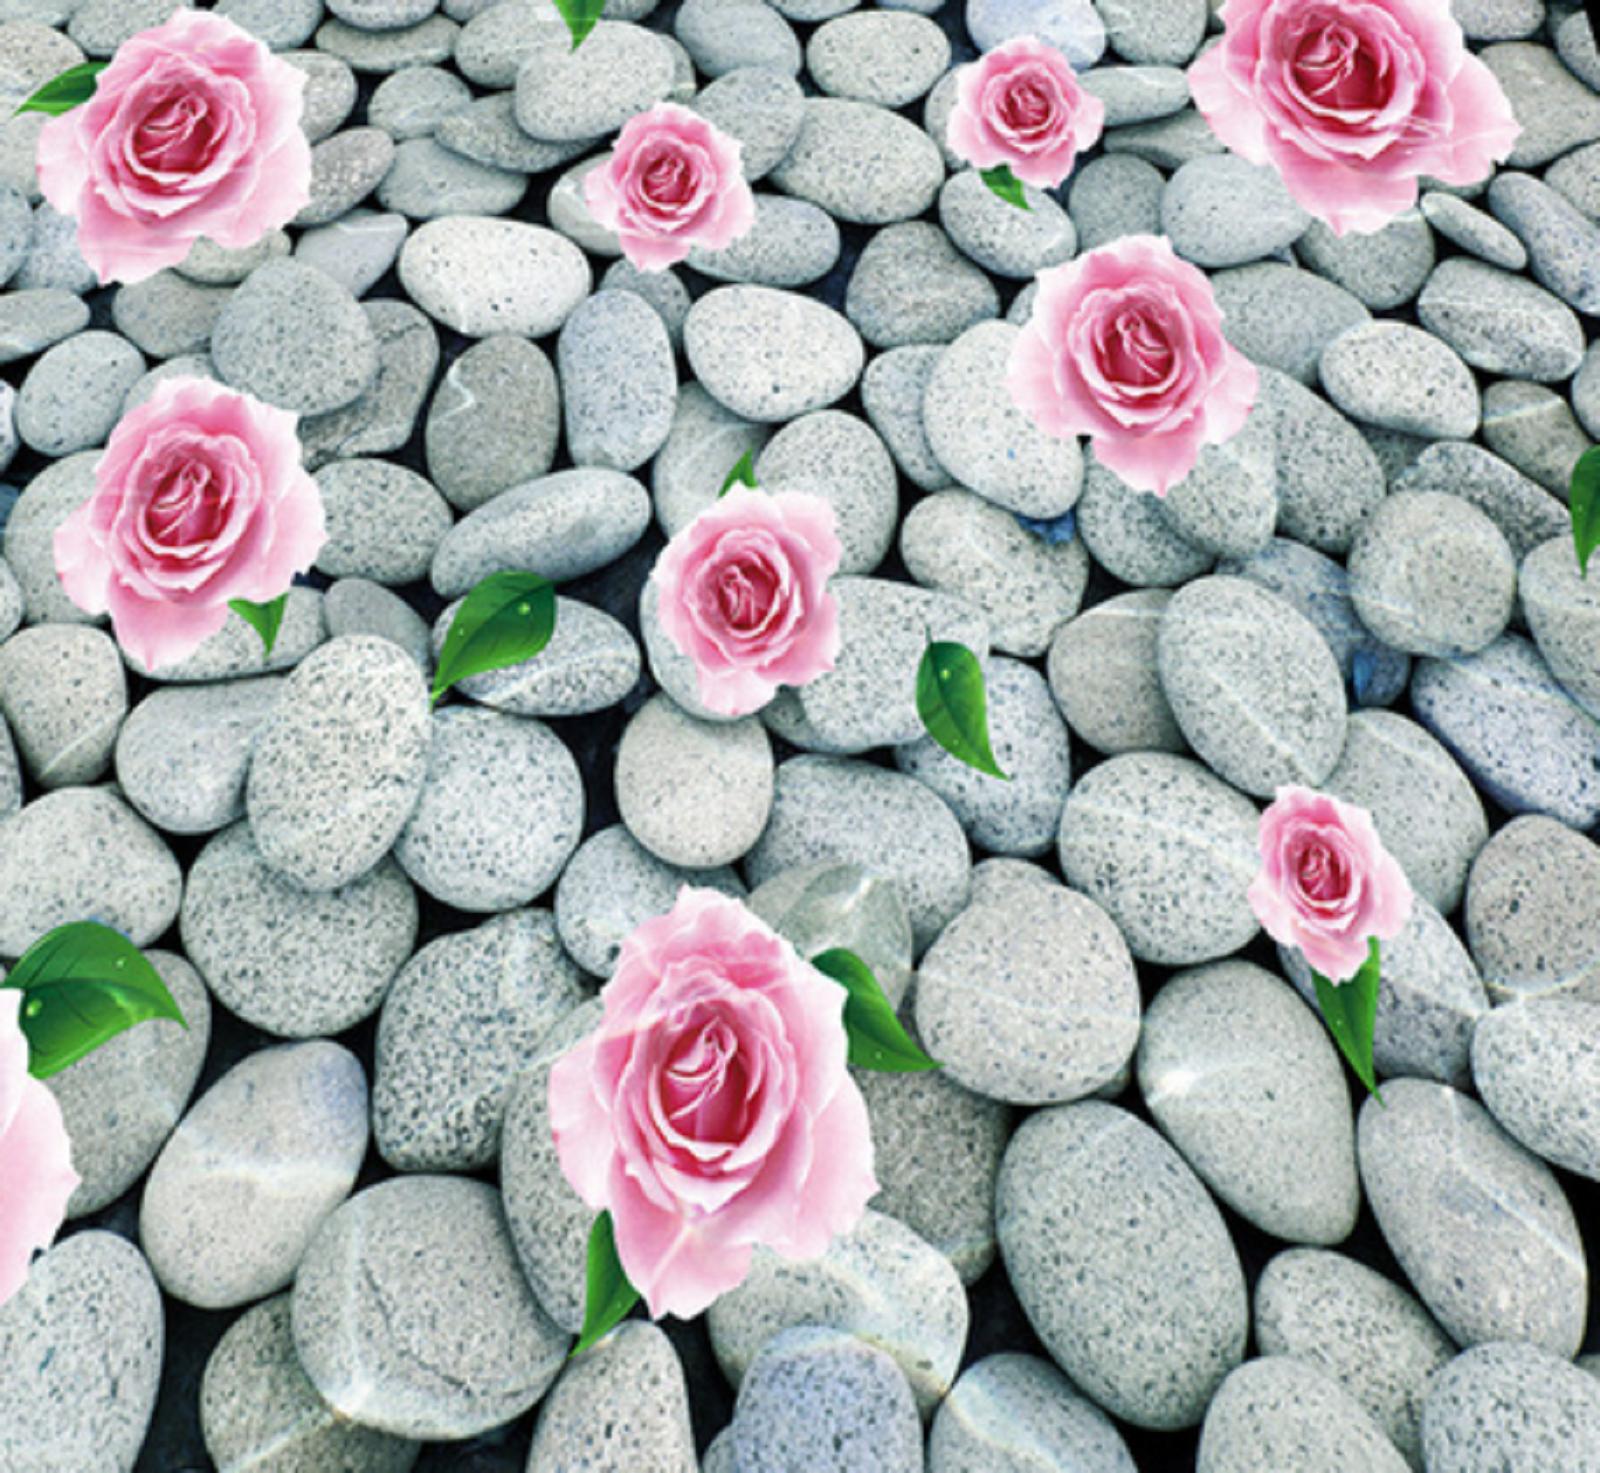 3D Rose Stones Stones Stones Sea 4 Floor WallPaper Murals Wall Print Decal AJ WALLPAPER Summer baebb6